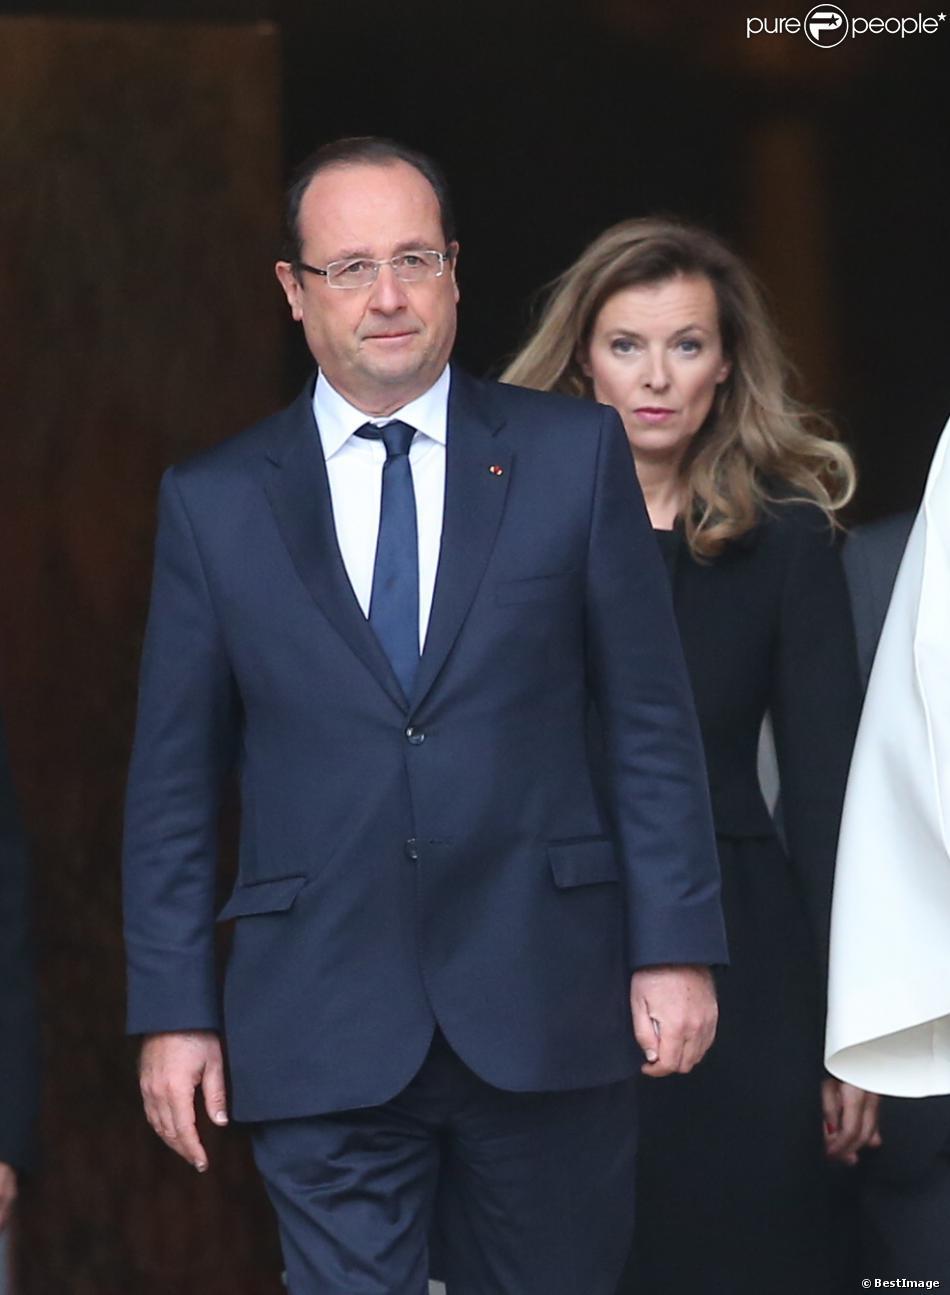 François Hollande et Valérie Trierweiler lors des obsèques de Patrice Chereau en l'église Saint-Sulpice à Paris le 16 octobre 2013